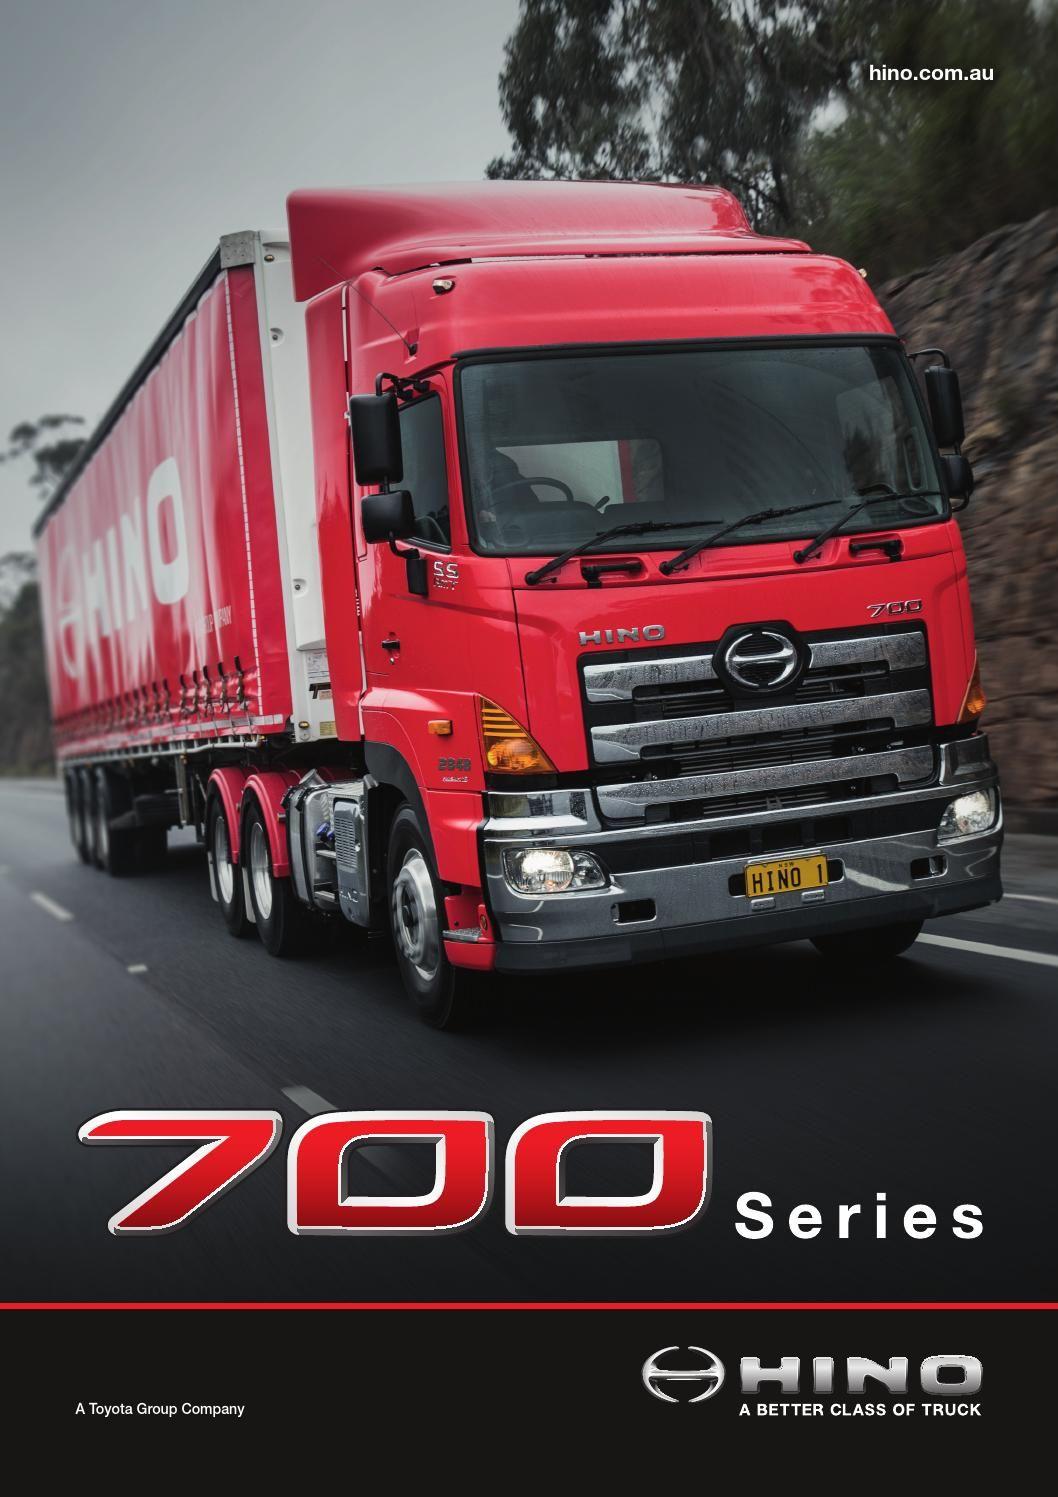 Hino 700 Series Hino New Trucks Trucks